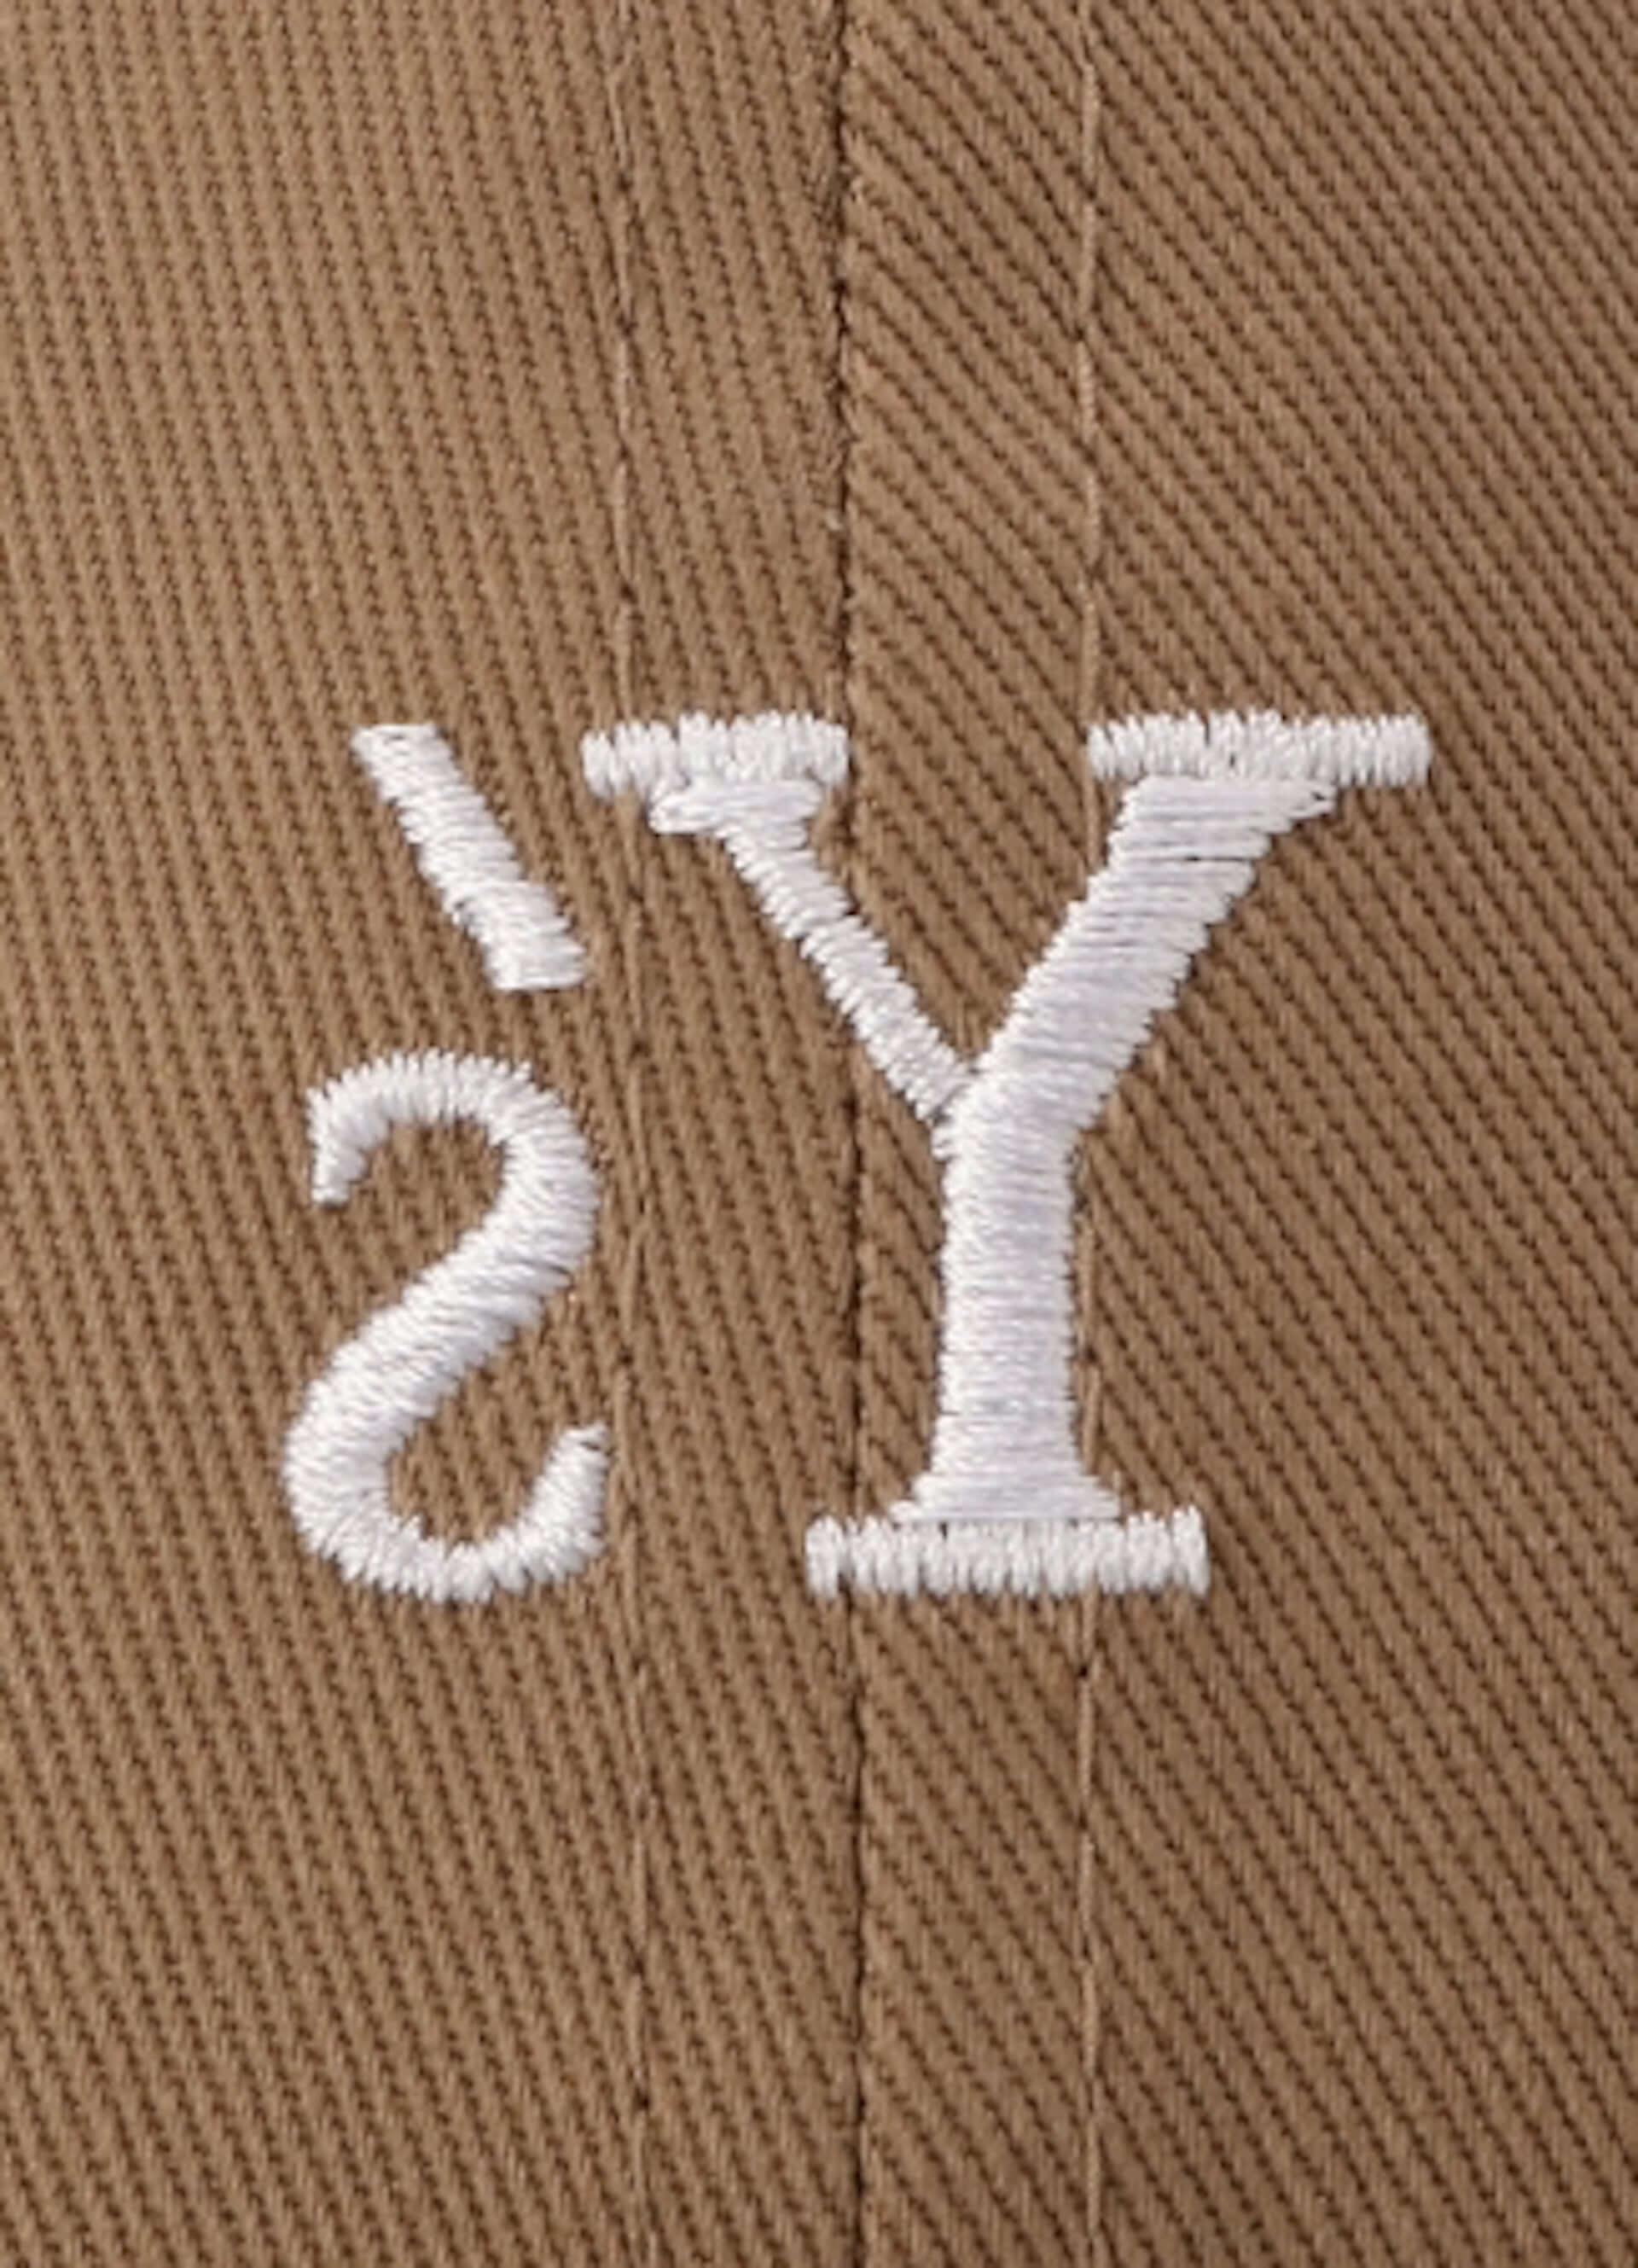 「Y's × New Era®」のオンライン限定コラボキャップが登場!Y's反転ロゴ&アースカラーの希少モデル life200414_newera_7-1920x2658